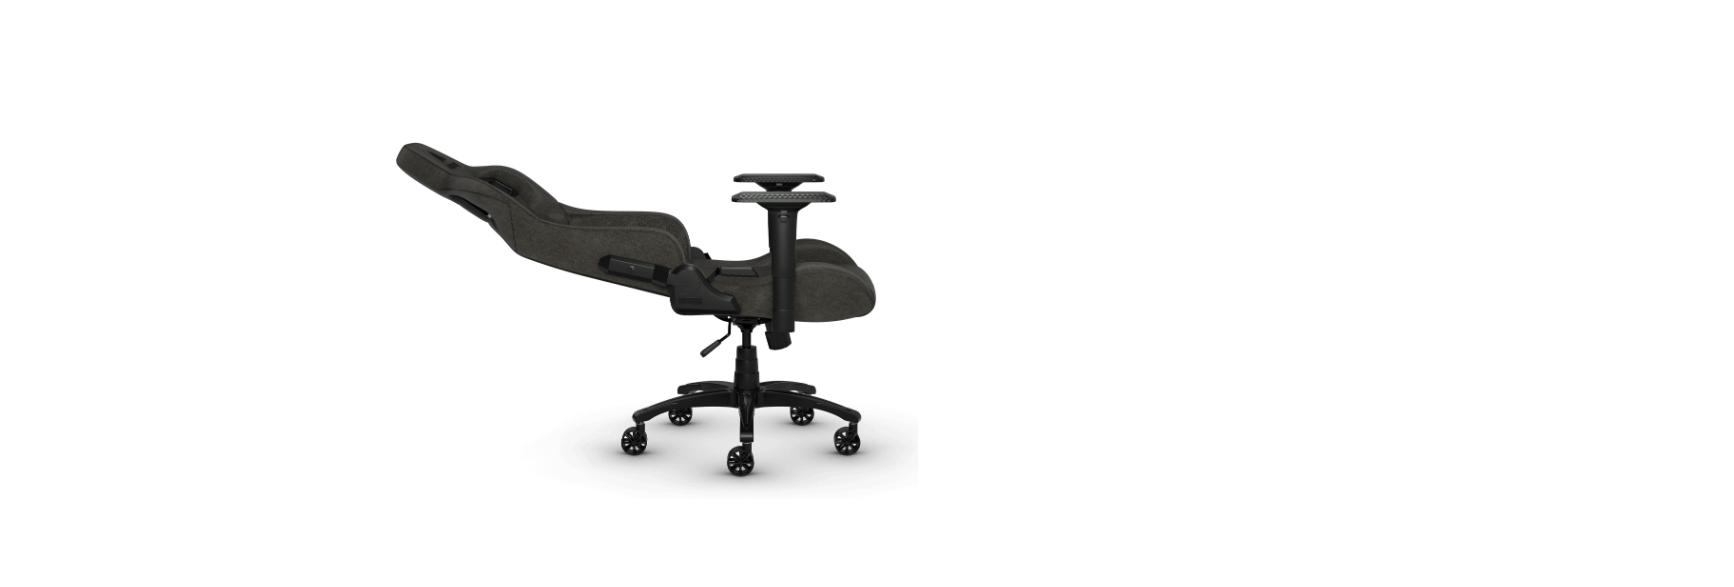 Ghế Game Corsair T3 RUSH Charcoal có thể điều chỉnh tư thế thoải mái